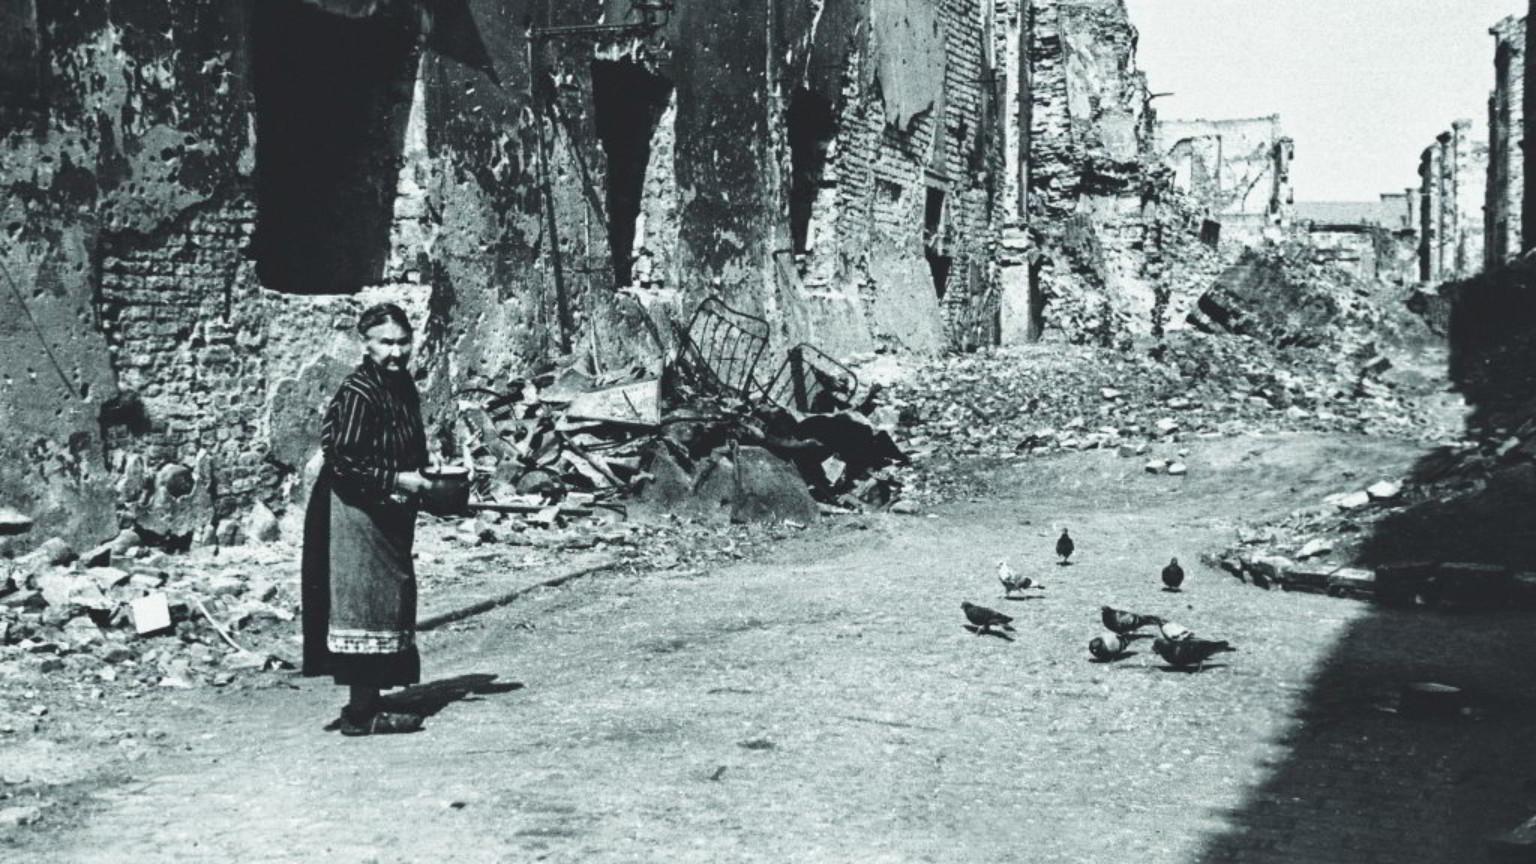 Zdjęcie dla kartki: Staromiejska gołębiarka